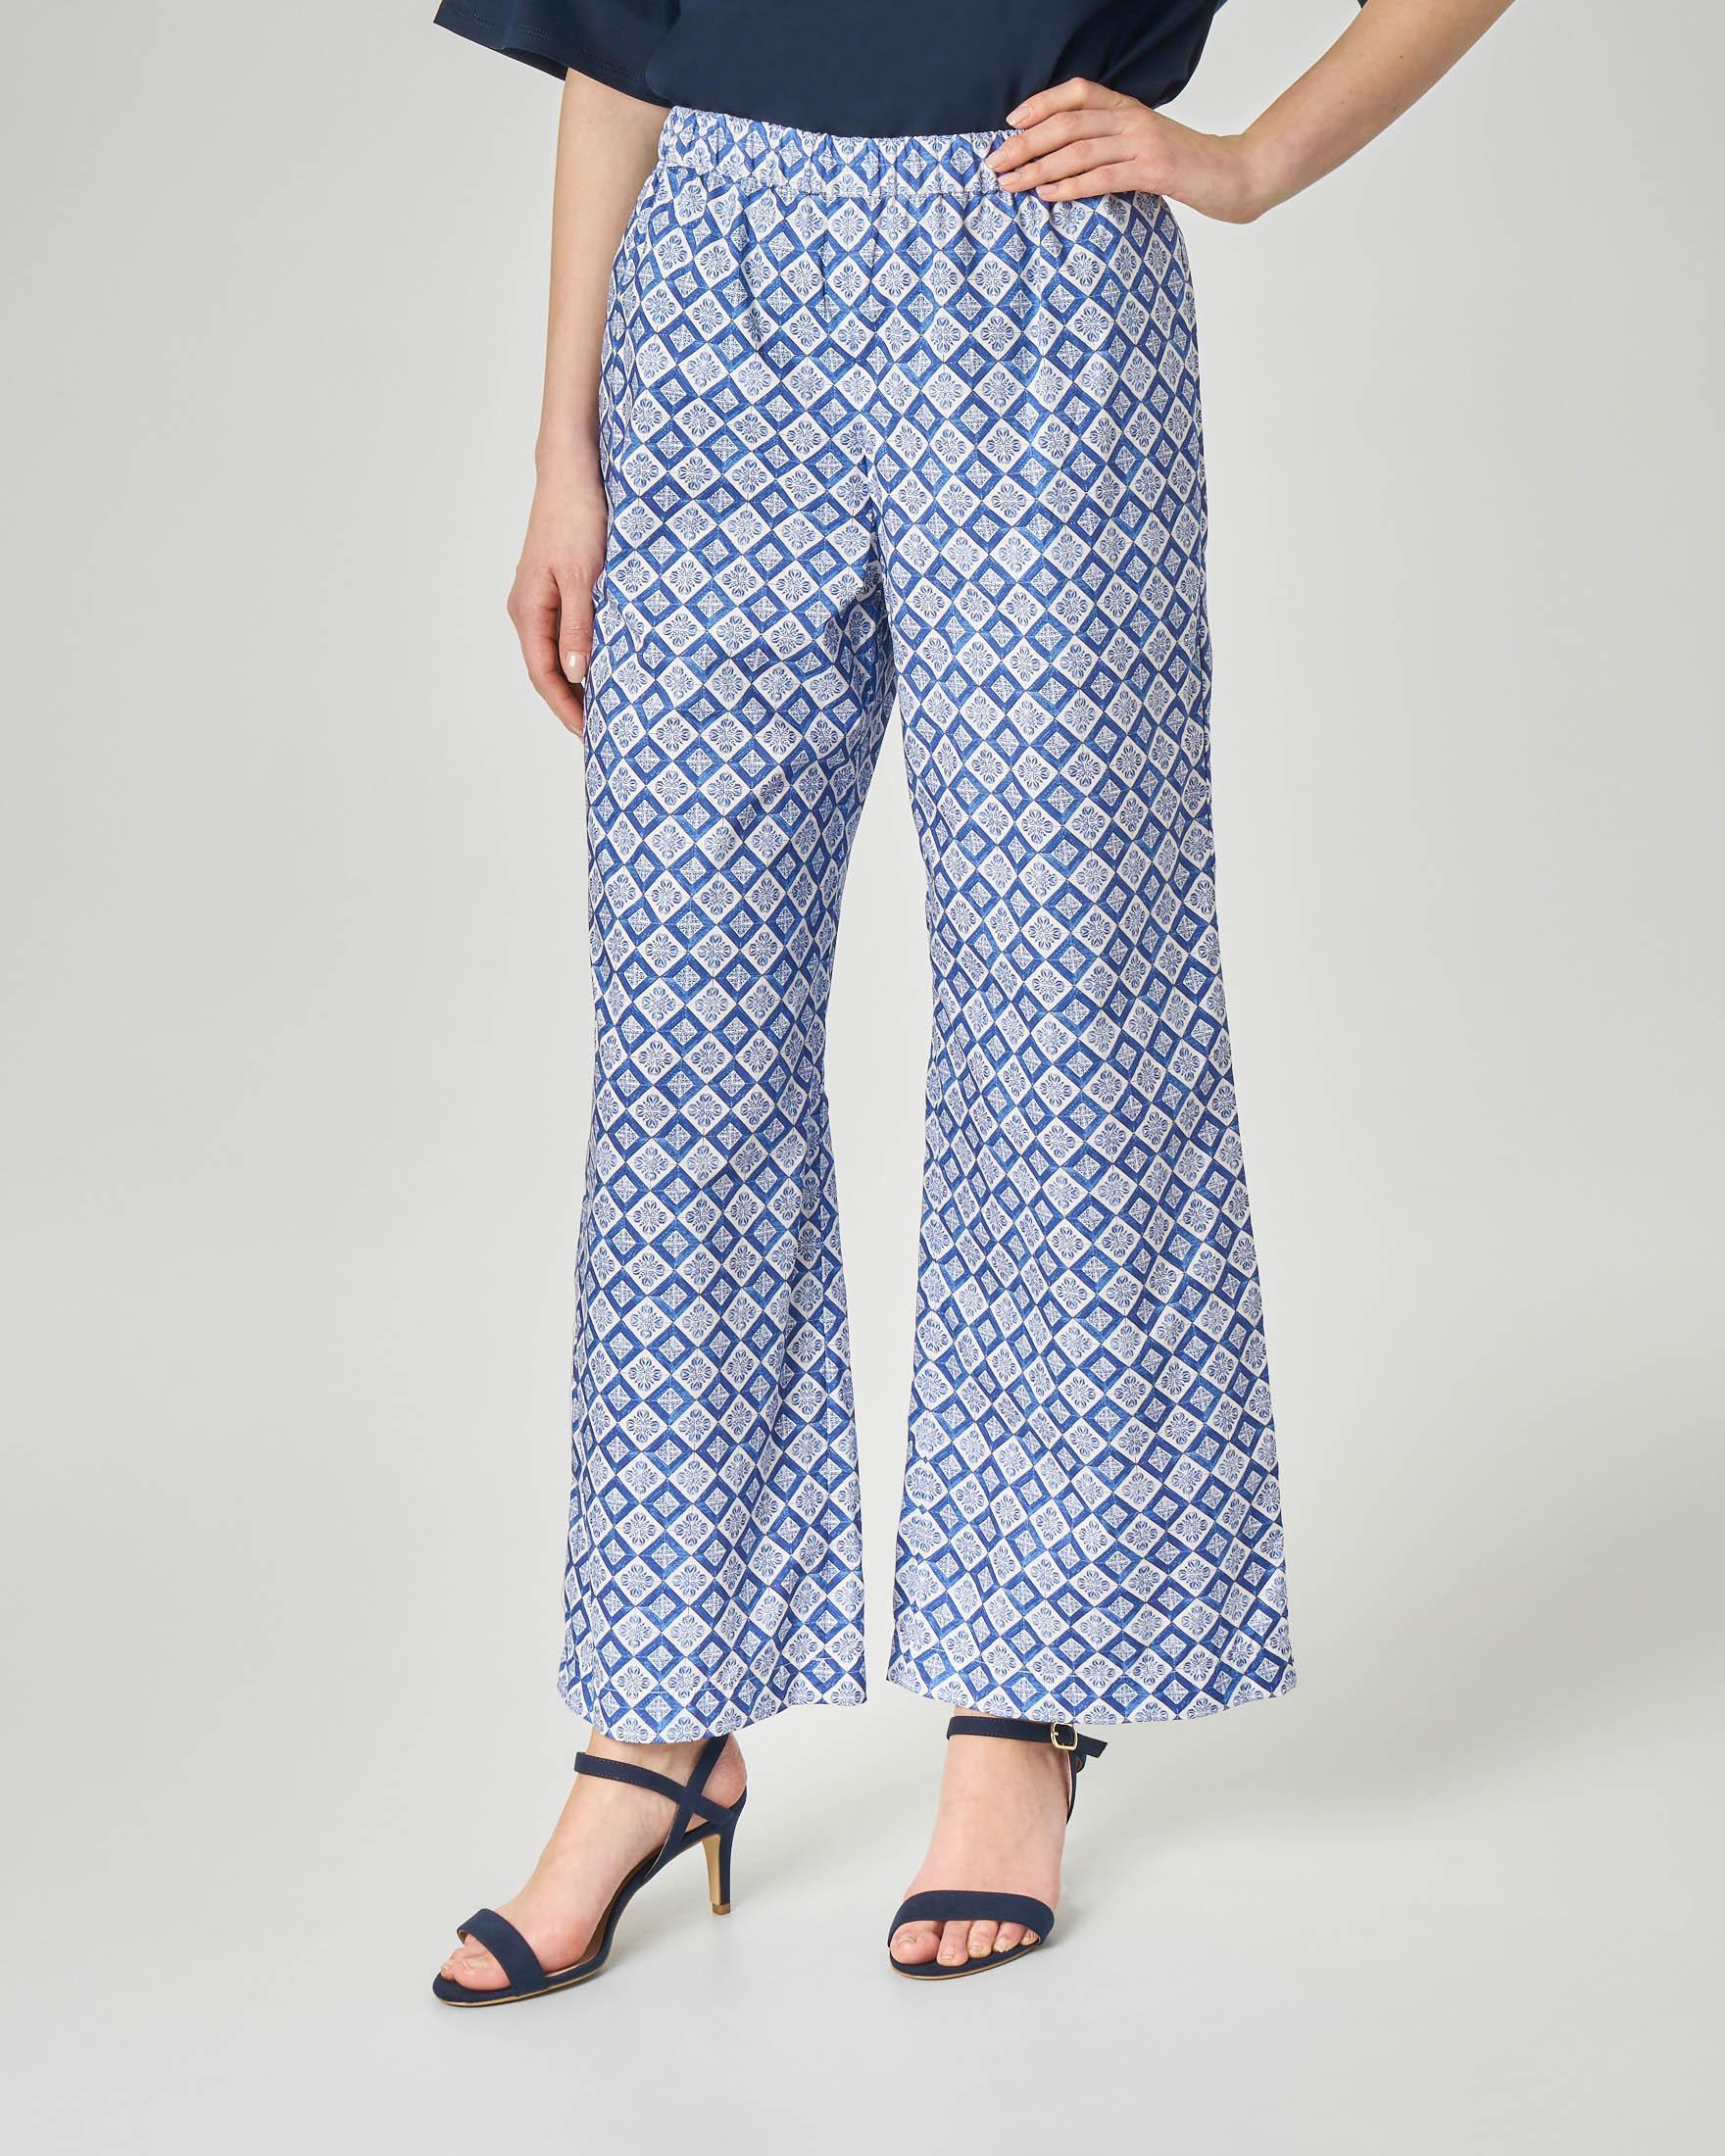 Pantaloni culotte in cotone a stampa geometrica bianca blu